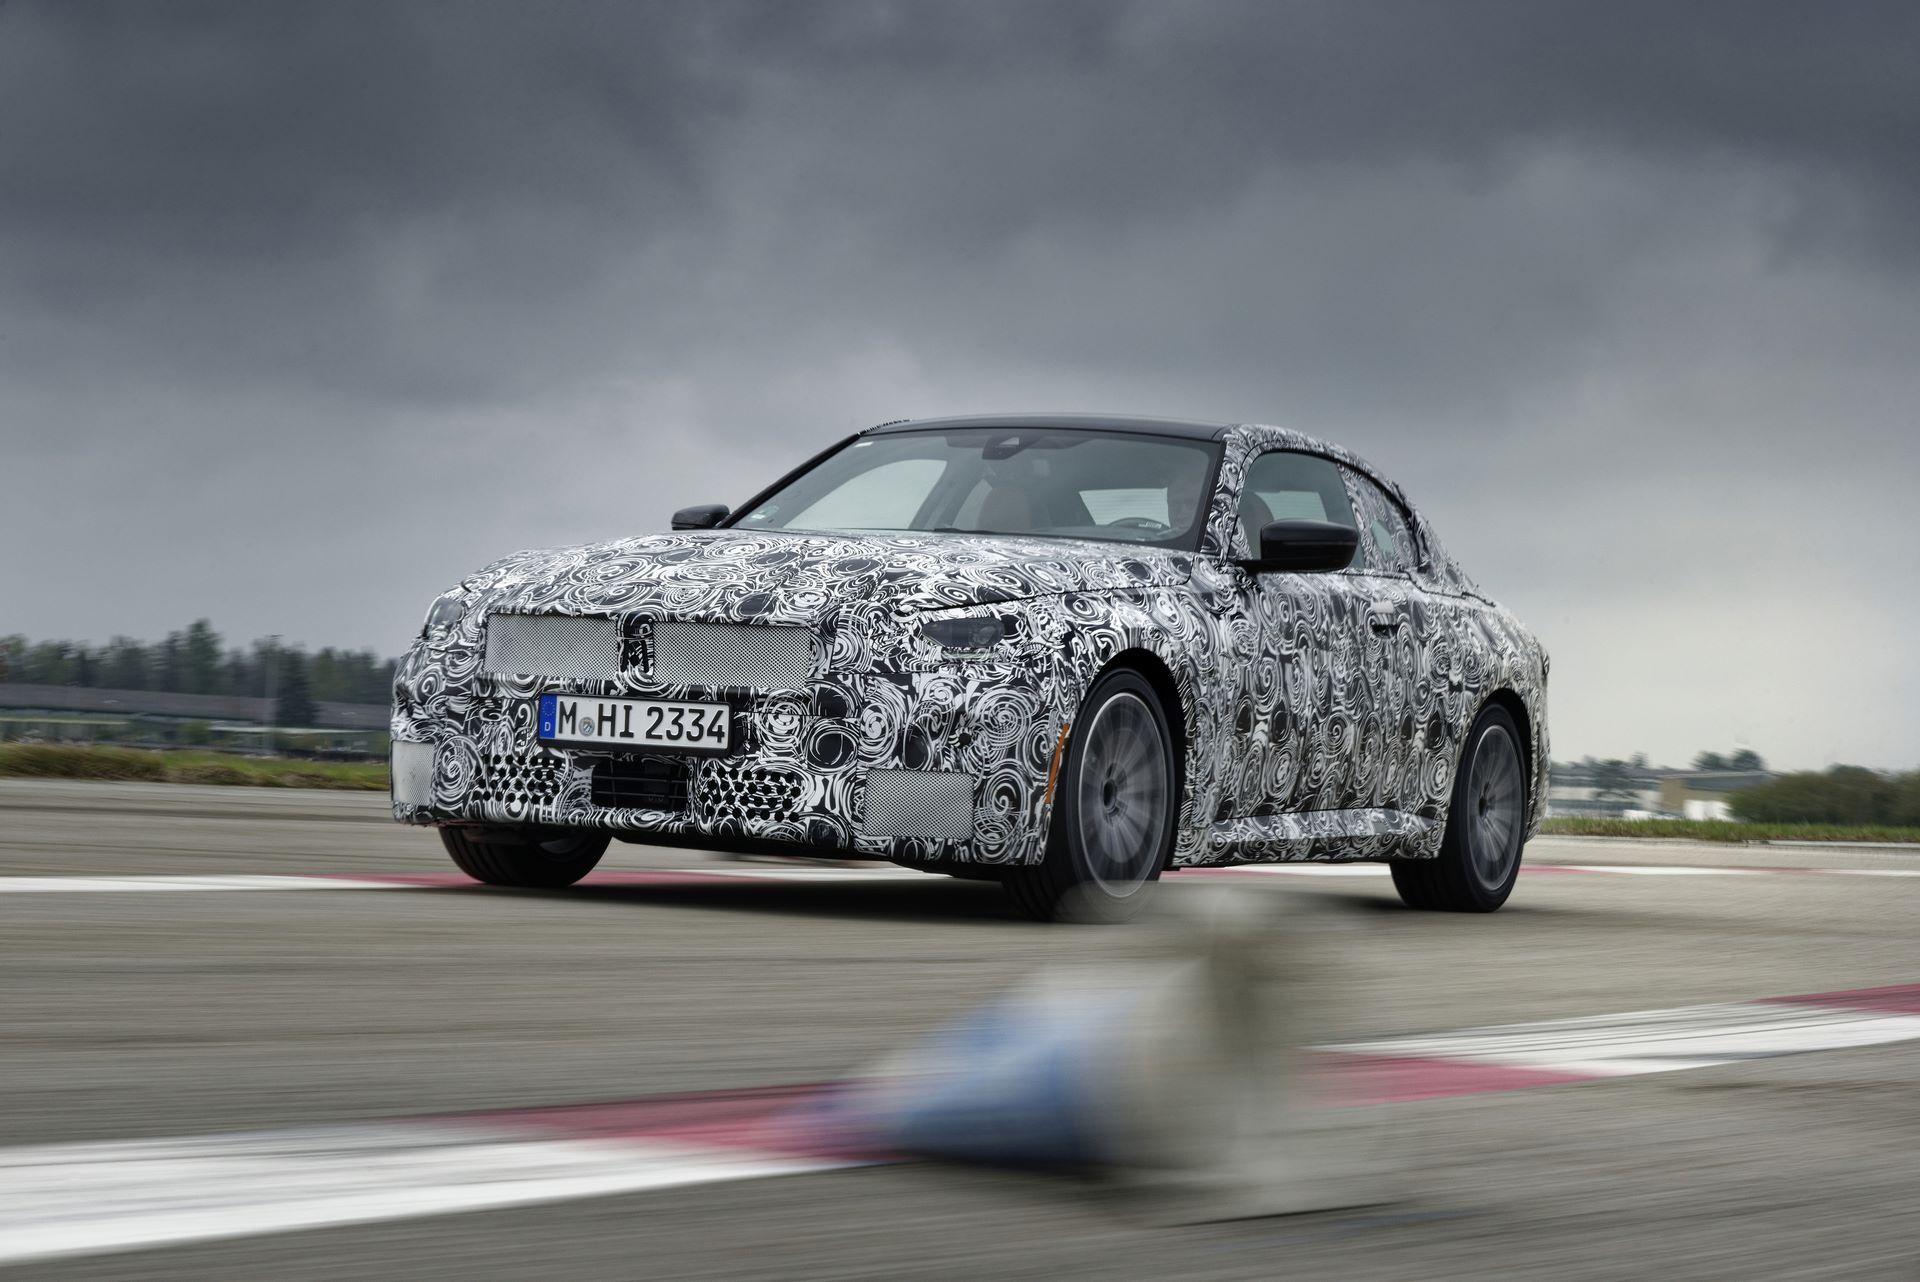 BMW-2-Series-M240i-spy-photos-13